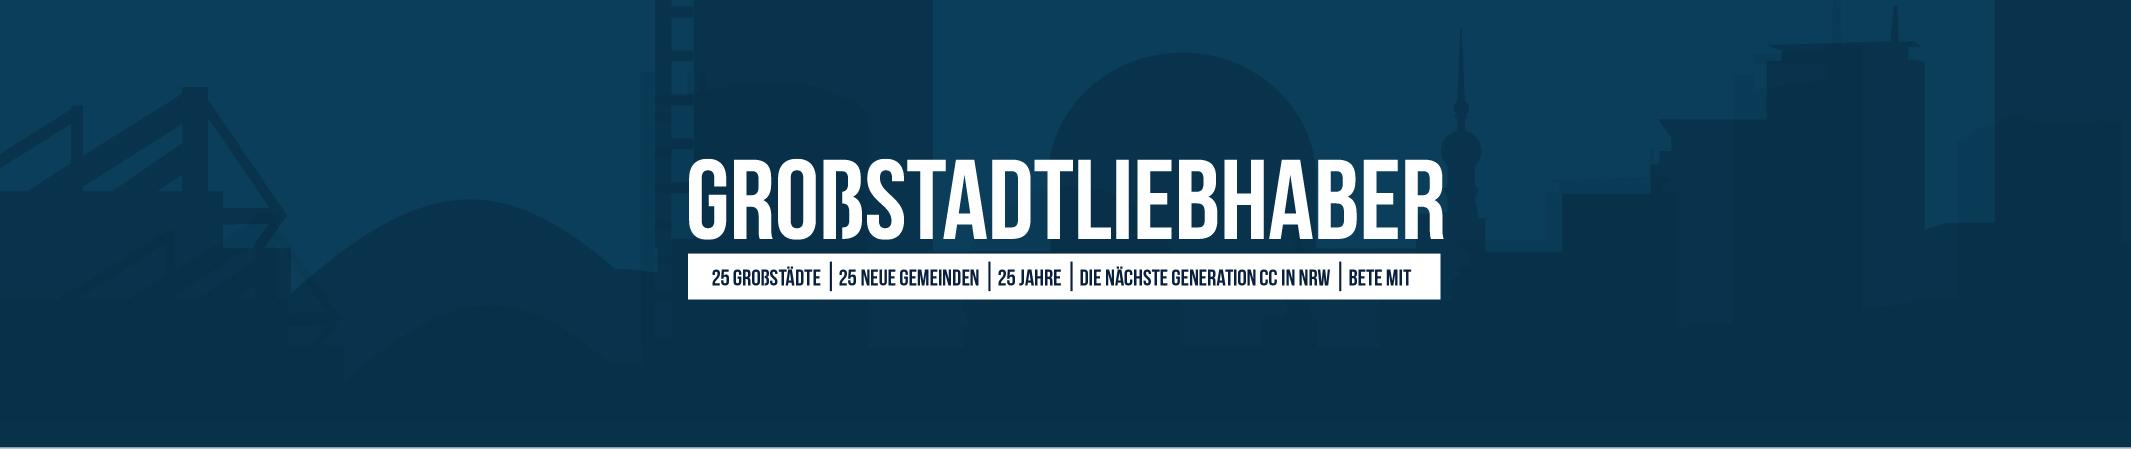 grossstadtliebhaber-banner-web-01